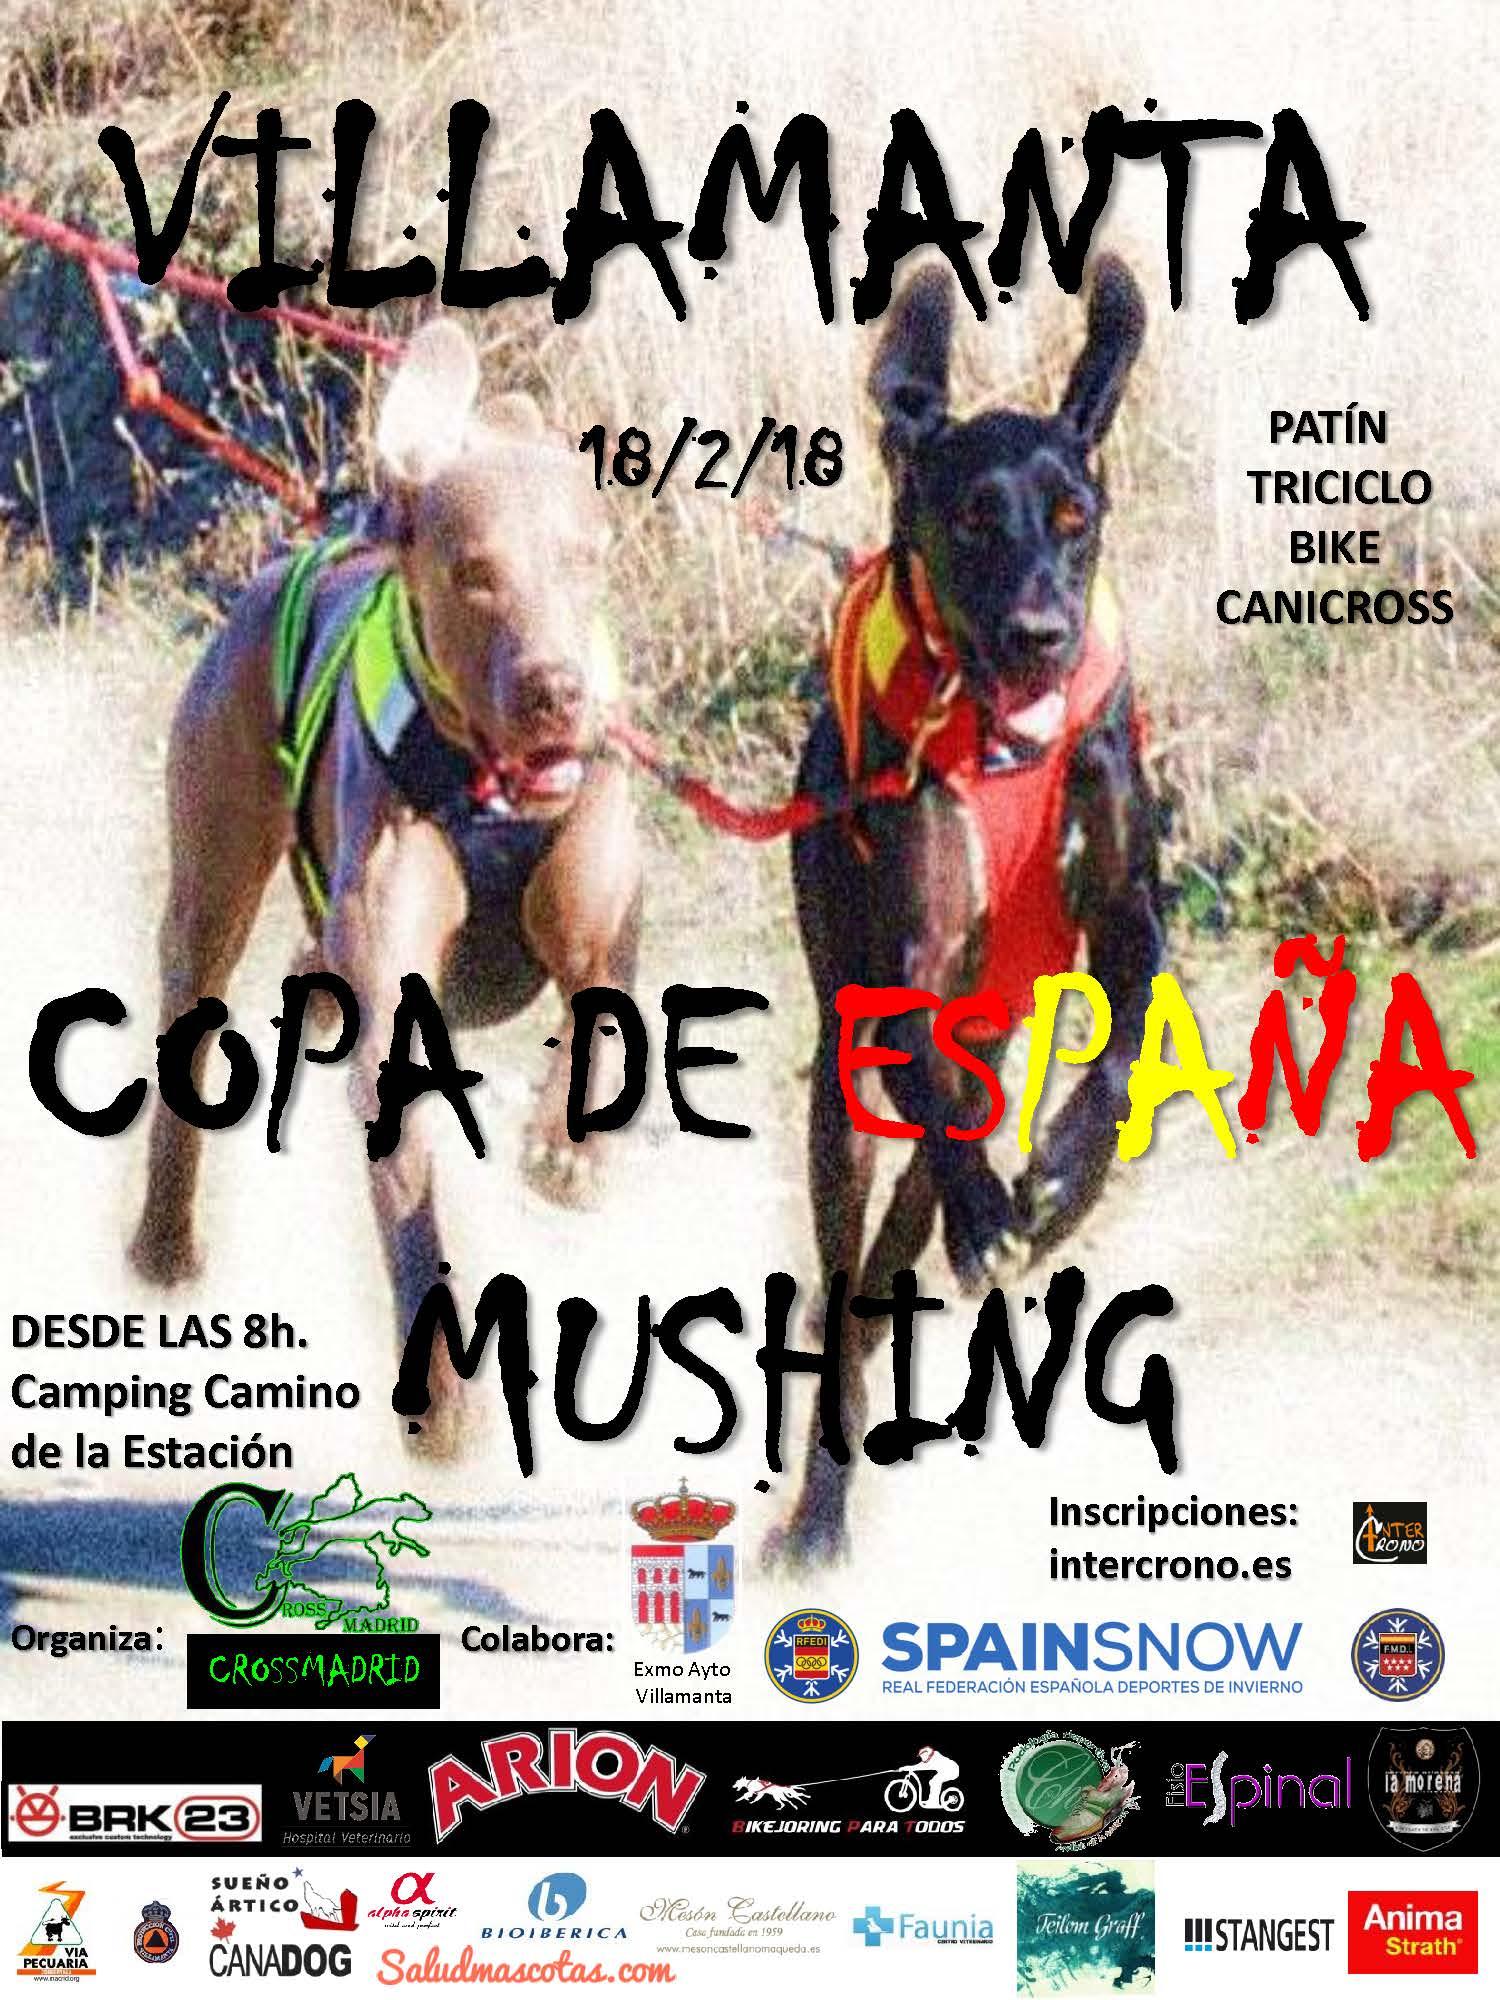 Copa de España de Mushing 18/12/18